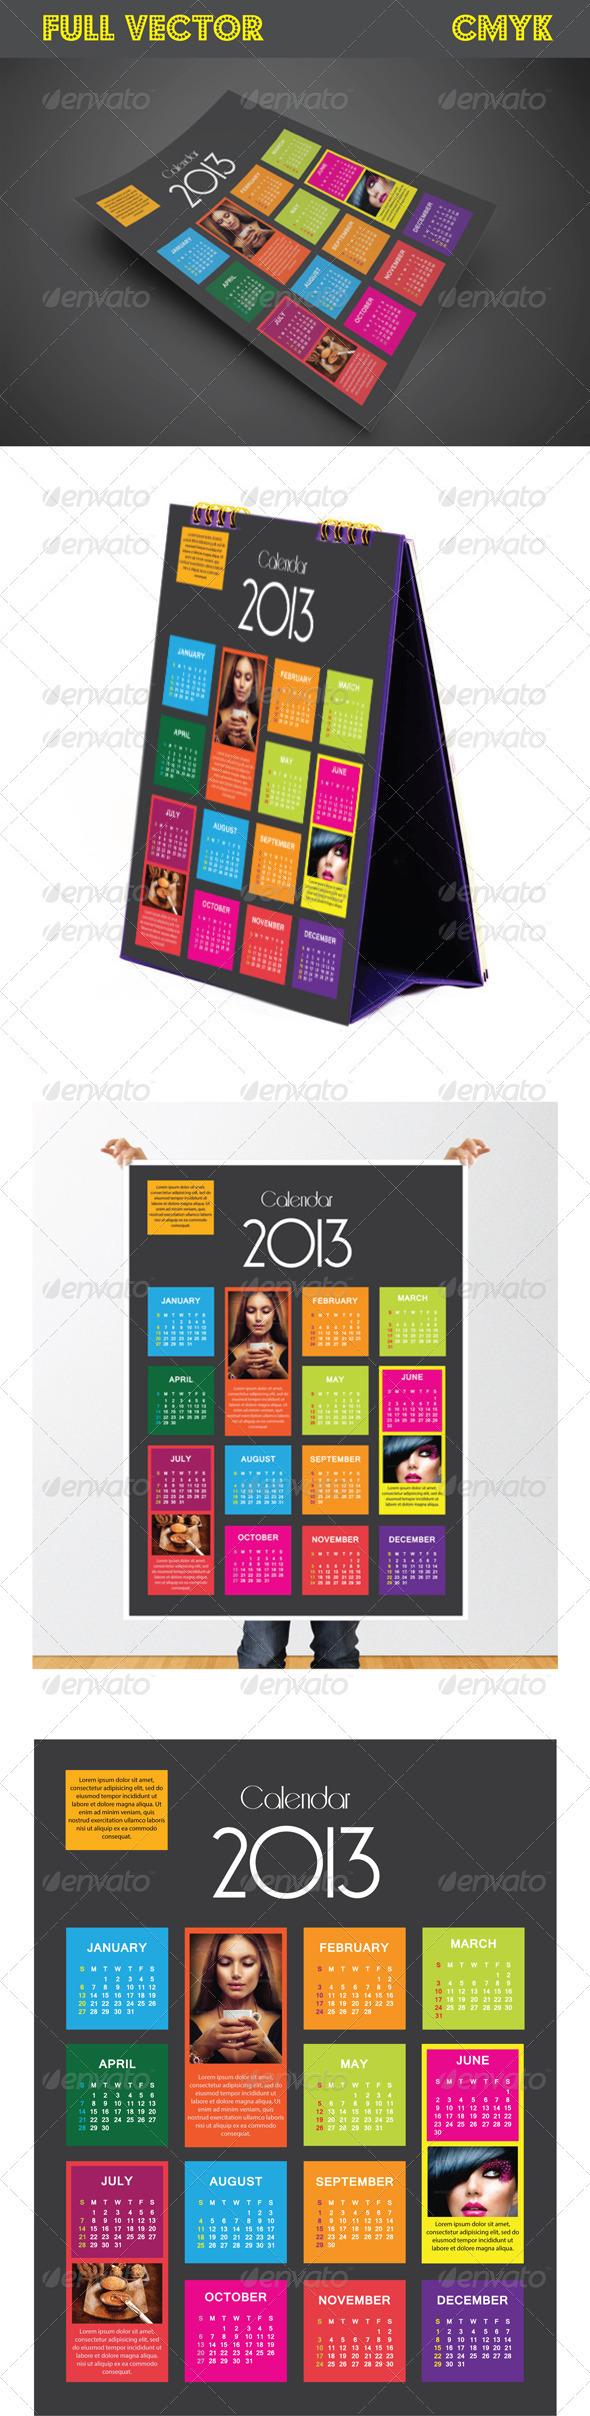 GraphicRiver Box-Style-Calender-1004 3698176